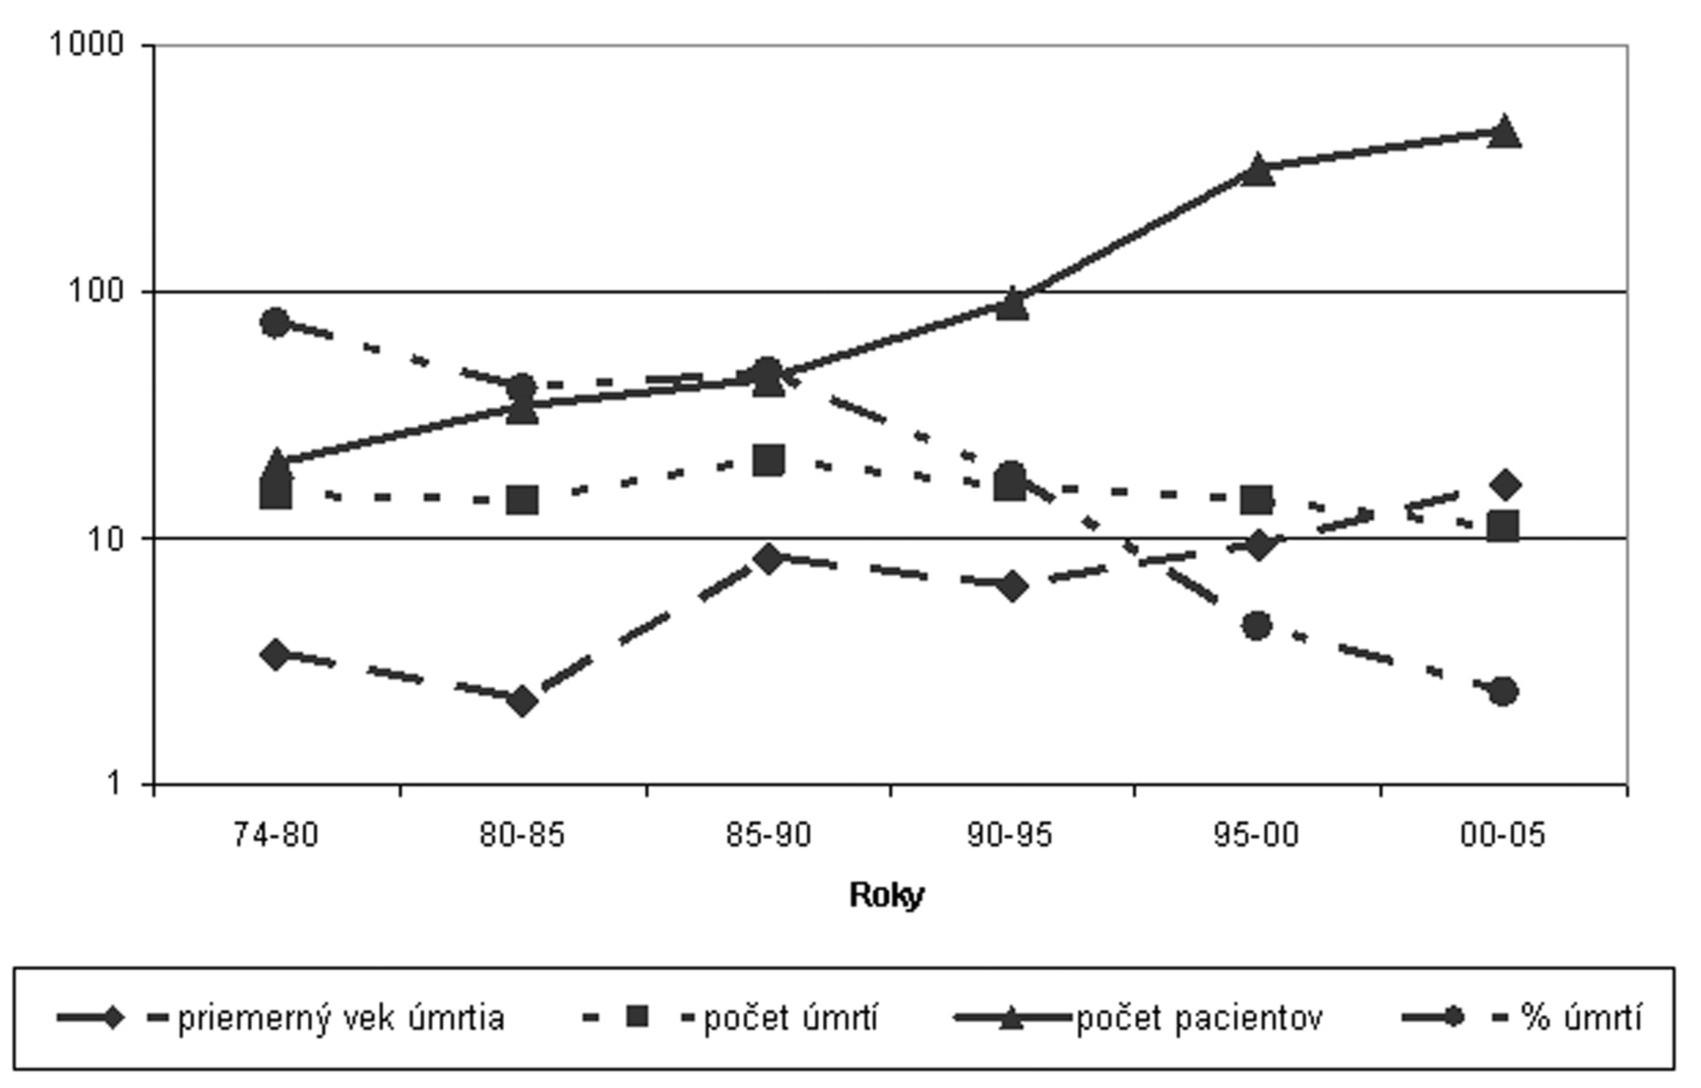 Analýza úmrtí CF pacientov v rokoch 1977–2006. Úmrtnosť v jednotlivých rokoch bola 2,5–2,2 pacienta/1 rok. Priemerný vek bol 3,4 roka v rokoch 1974–1980 a 16,3 roka v období 2000–2005. Vzhľadom na zvyšujúci sa počet pacientov je významný percentuálny pokles exitovaných pacientov v jednotlivých obdobiach z 75,0 % v 80. rokoch na 2,4 % v rokoch 2000–2005.